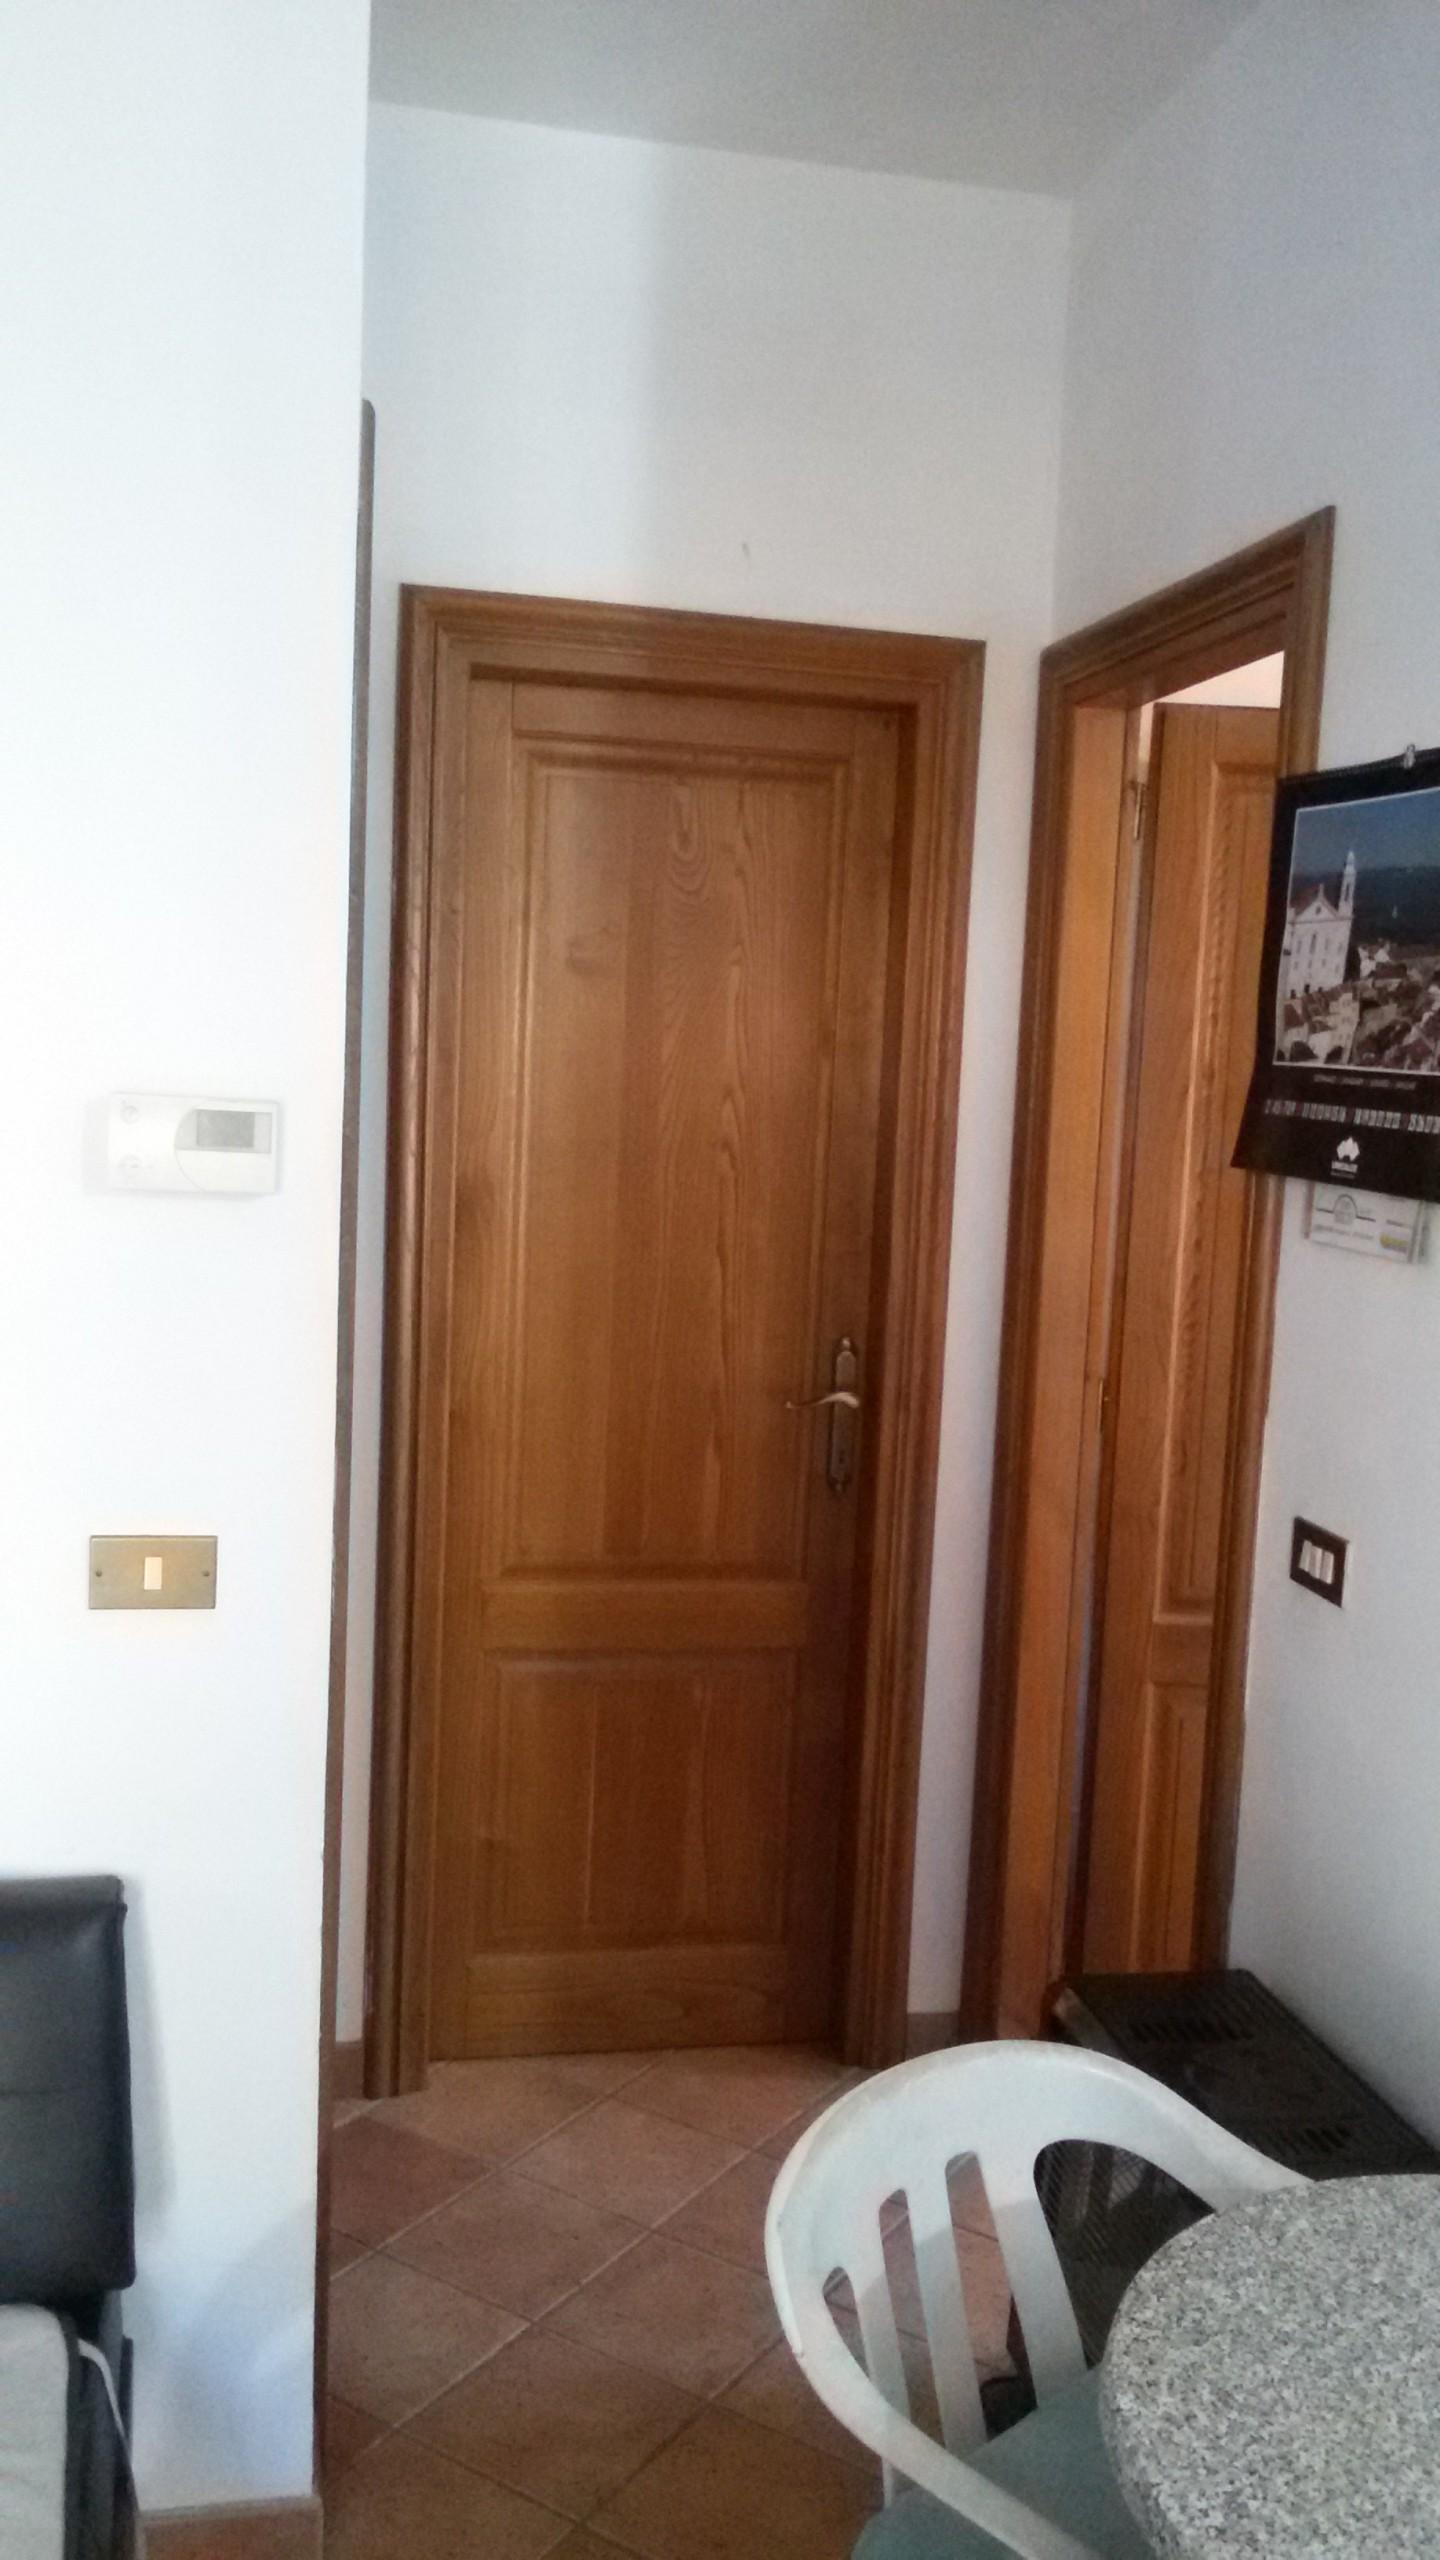 Codice 014 appartamento vendita a sassello agenzia romano di romano luciana - Bagno romano igea marina ...